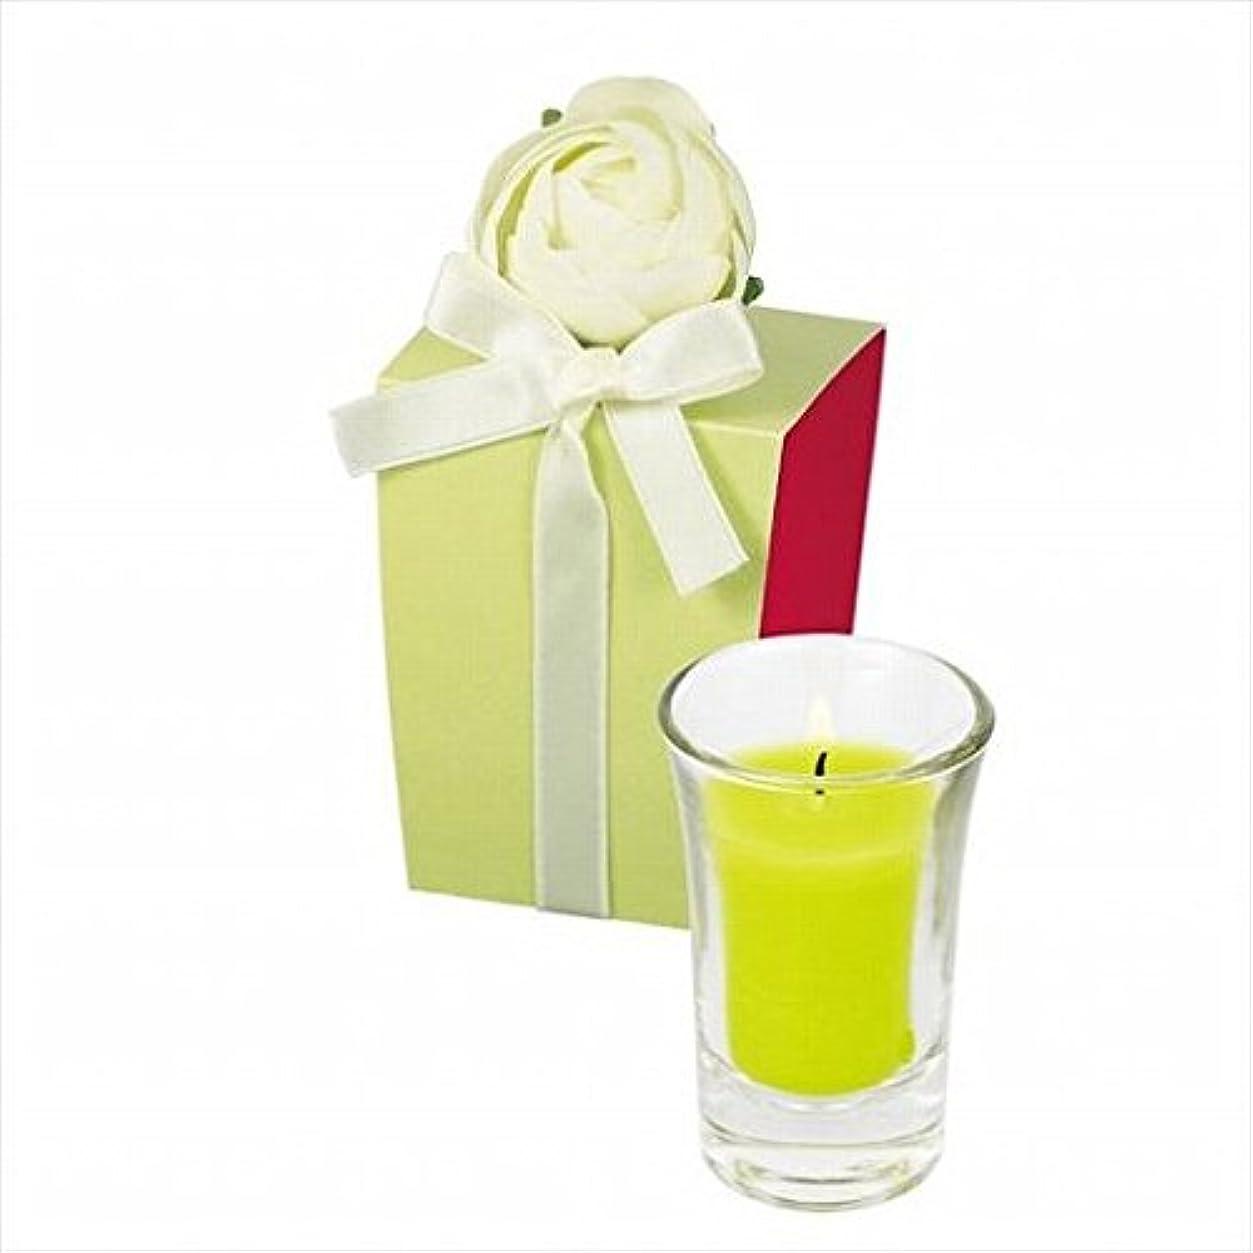 民族主義個性出費kameyama candle(カメヤマキャンドル) ラナンキュラスグラスキャンドル 「 ライトグリーン 」(A9390500LG)